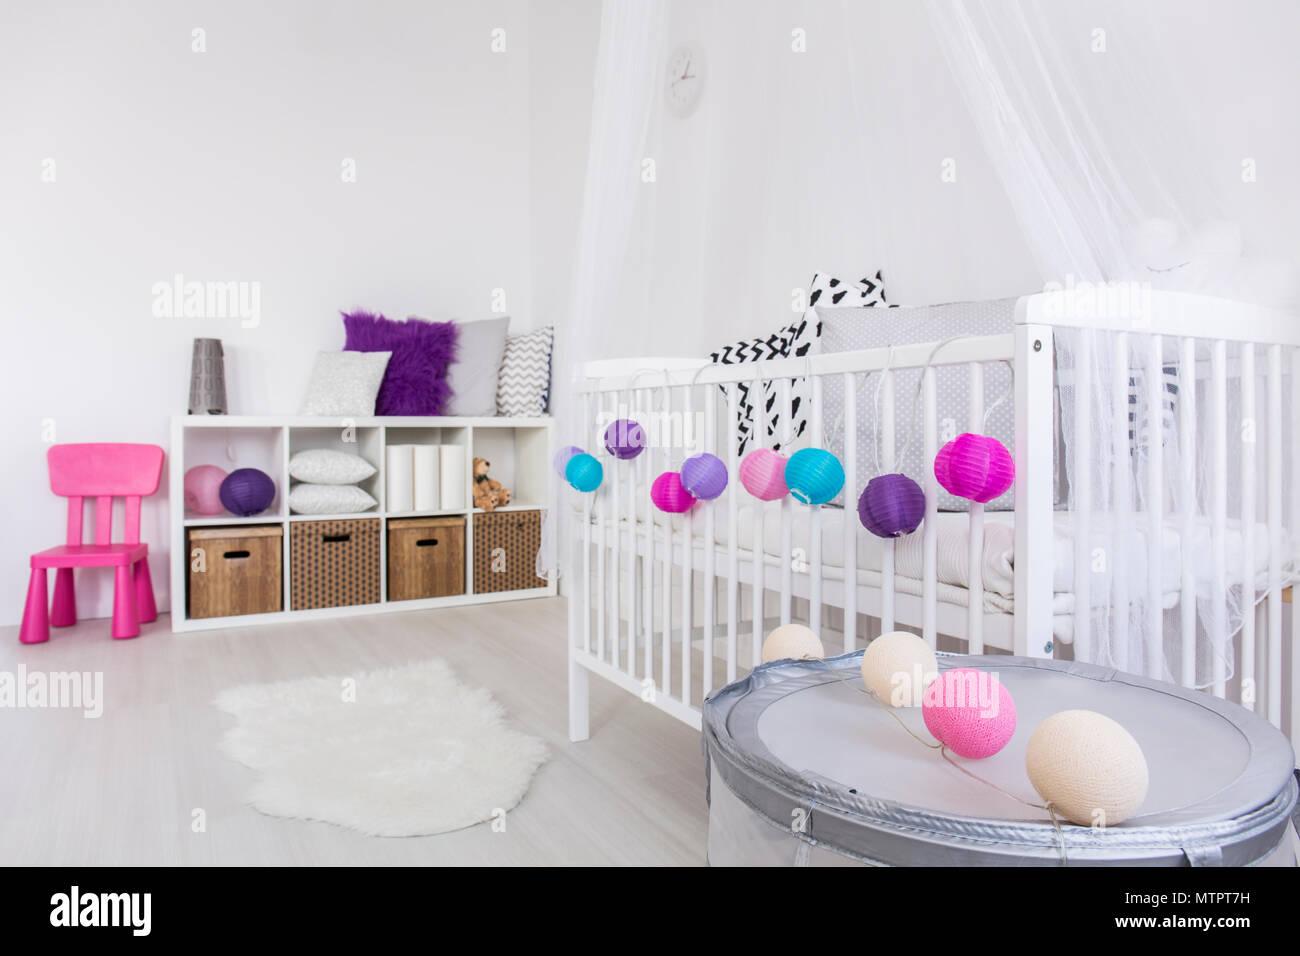 Modern gestaltetes Interieur Baby's Schlafzimmer mit weißen Wiege mit bunten Kugeln geschmückt. An der gegenüberliegenden Wand Regal mit Boxen und Kissen Stockfoto